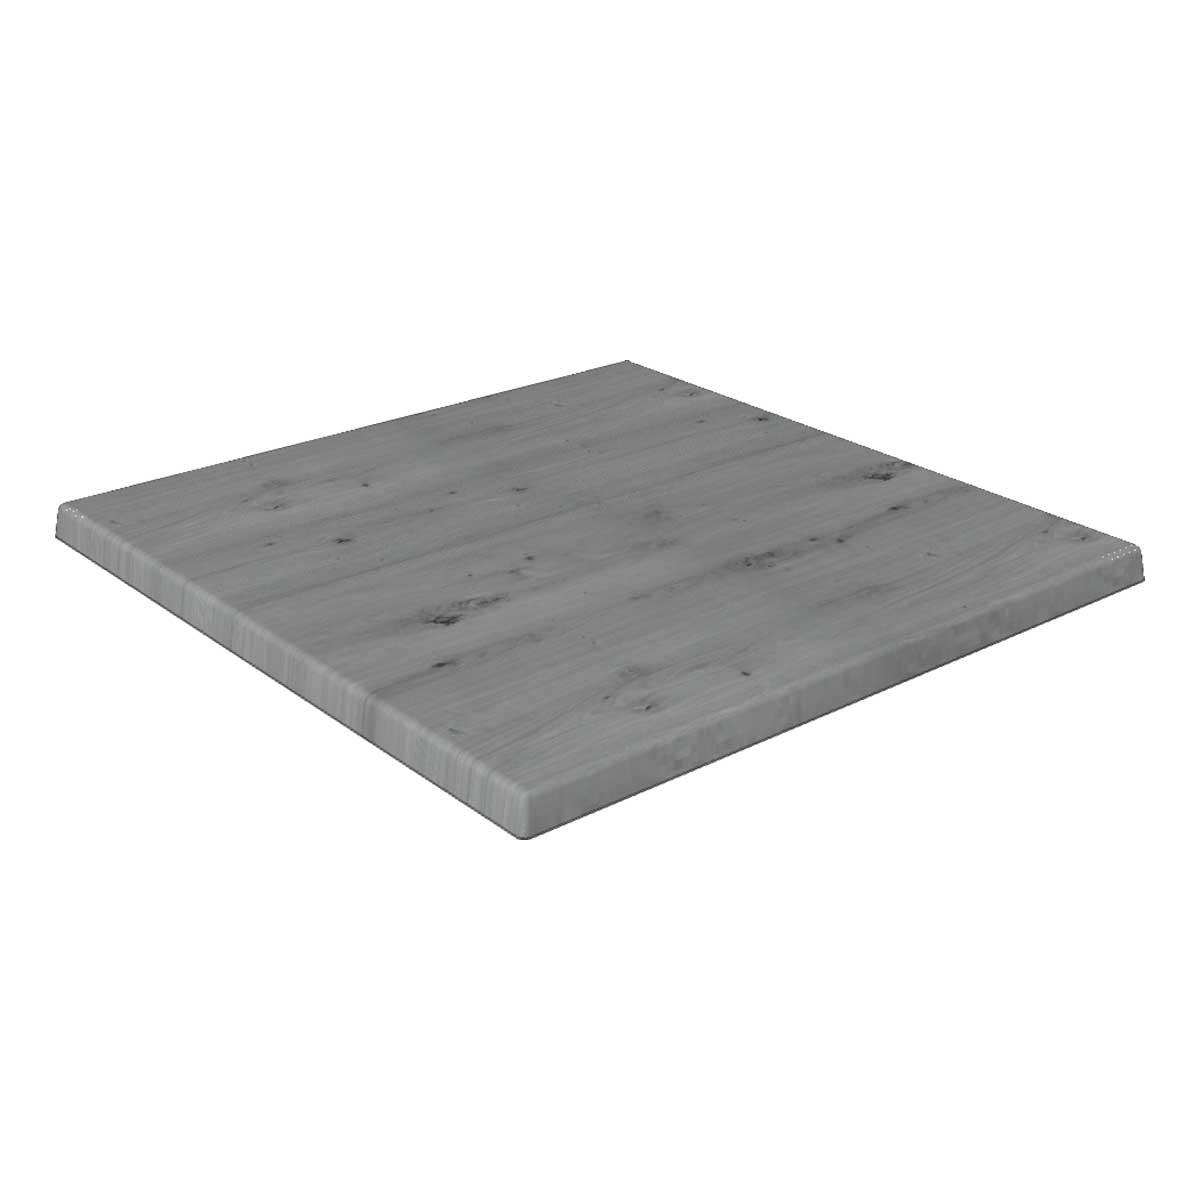 TICLA Q70 219 - https://www.werzalit.com/nl/product/tafelblad-classic-werzalit-q-70x70-219-alabama/